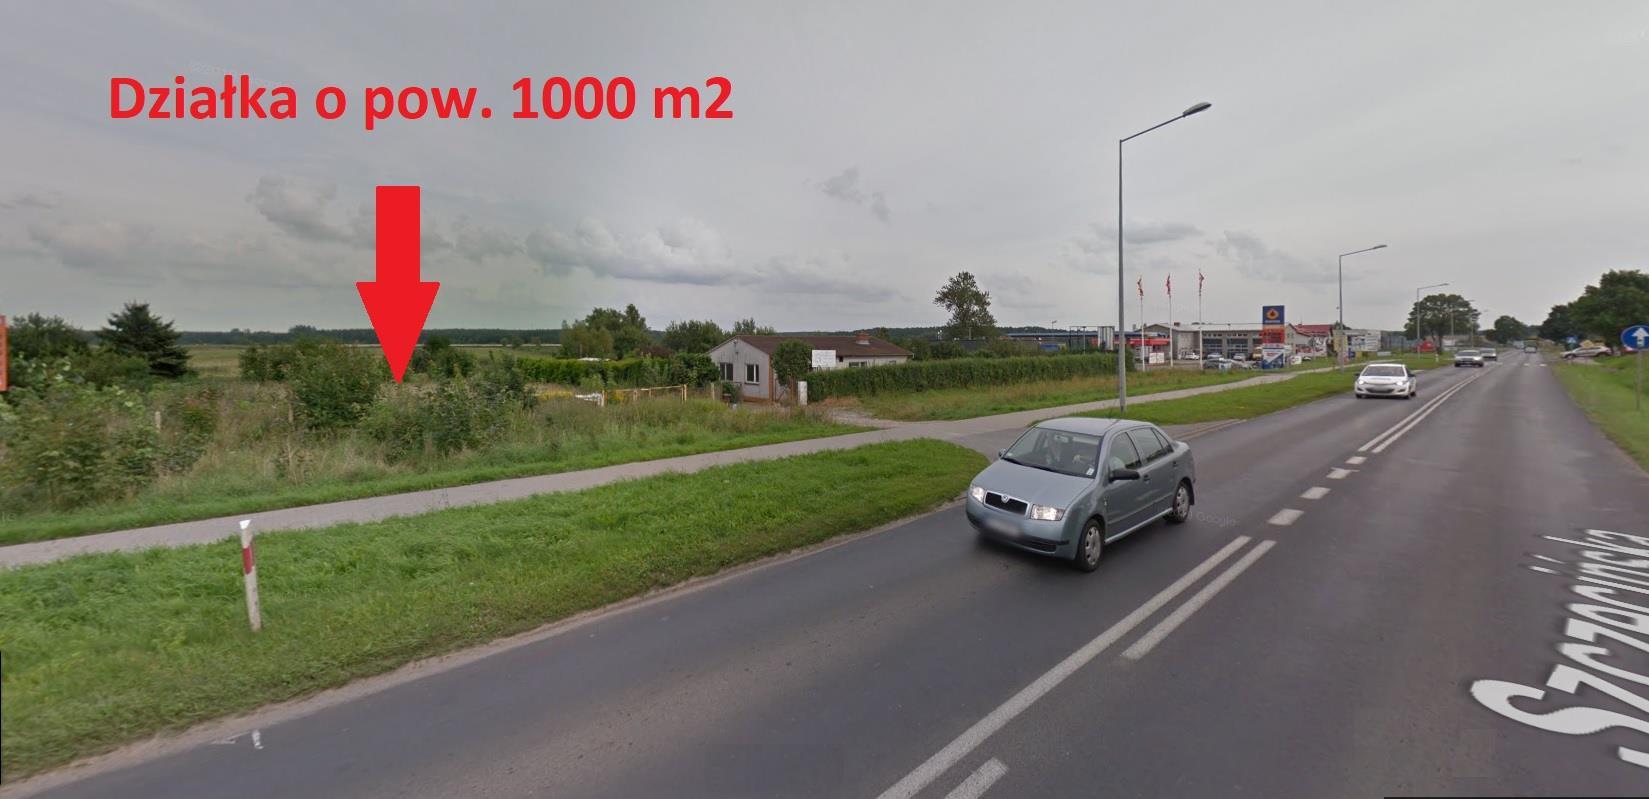 villa_ksn_zs_17326_1.jpg